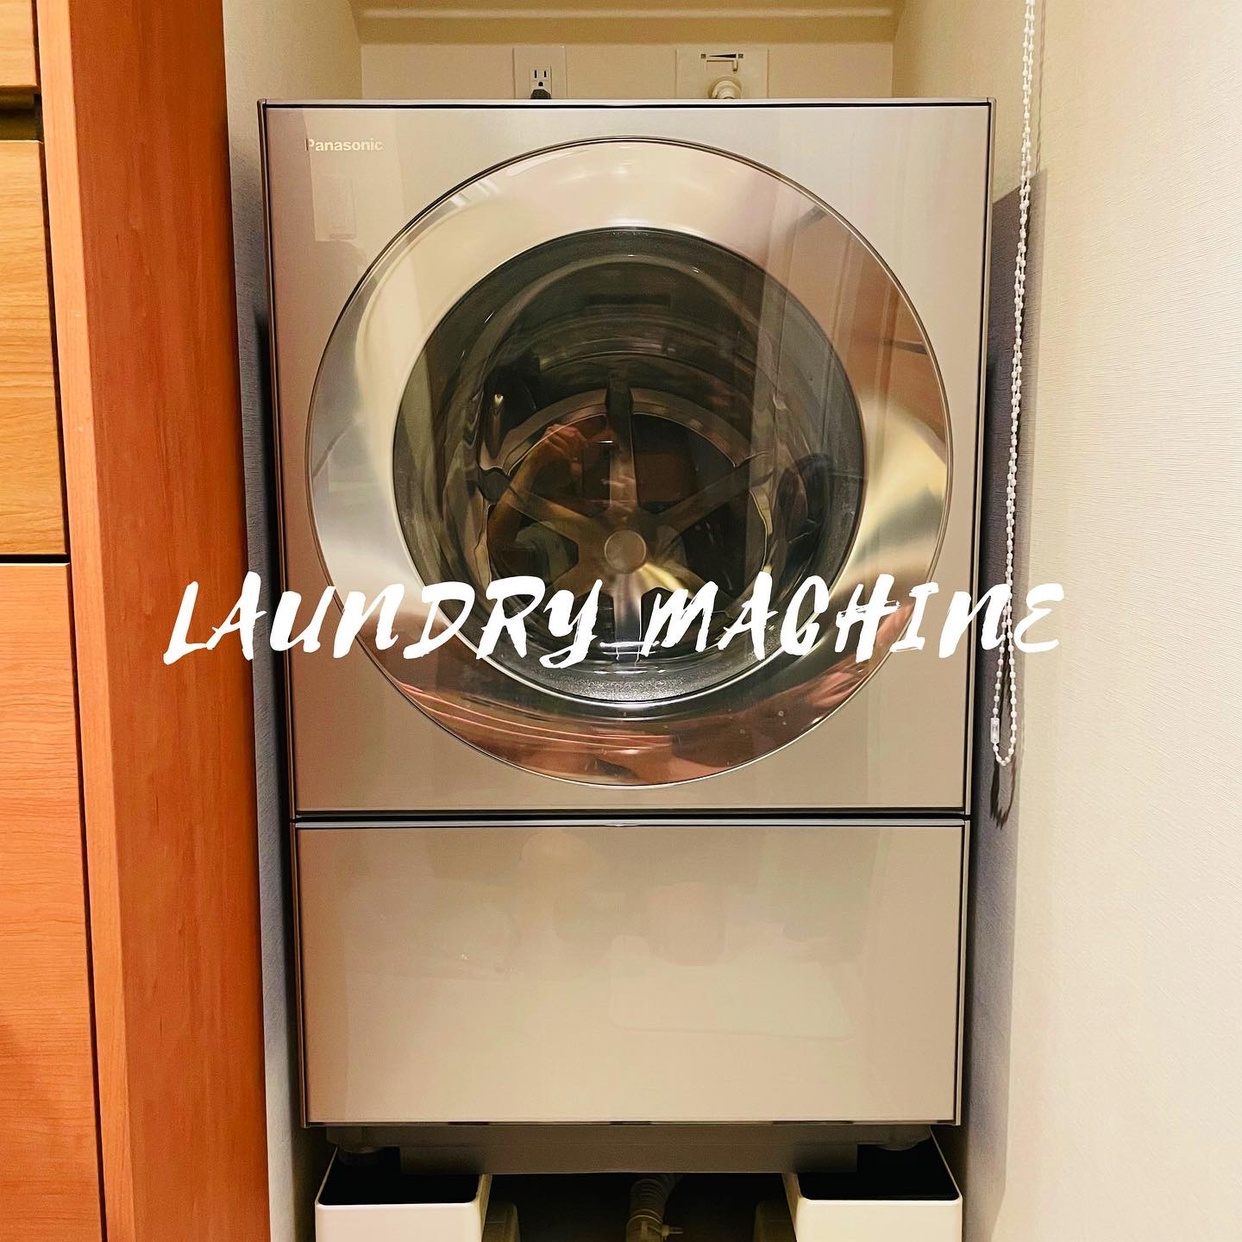 Panasonic(パナソニック) キューブル ななめドラム洗濯乾燥機 NA-VG2500を使ったsaynoさんのクチコミ画像1